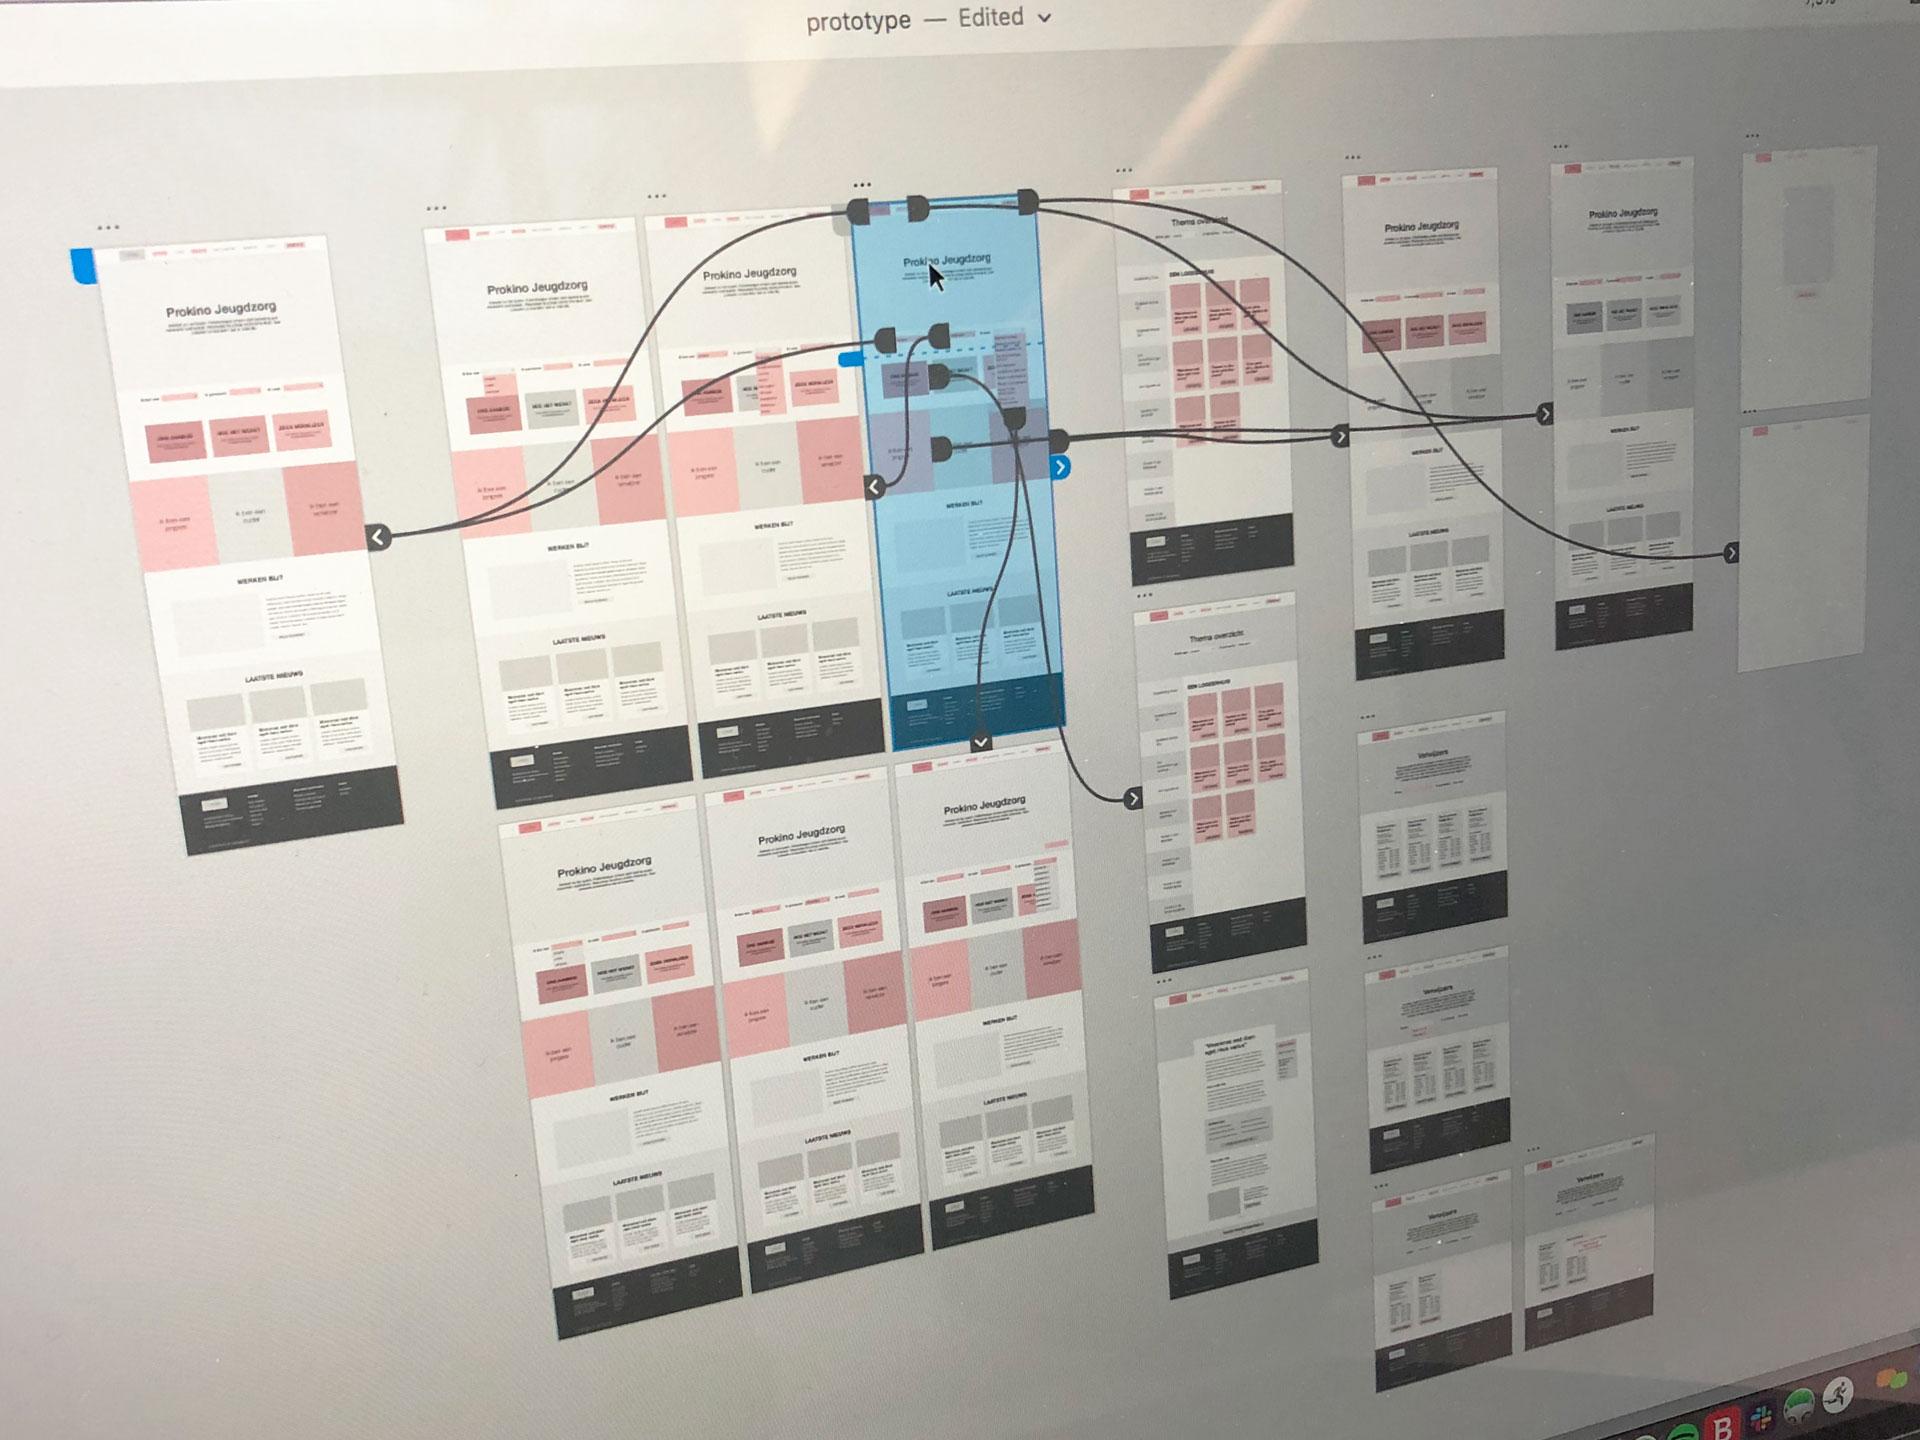 designsprint-donderdag-prototype-01-dutchgiraffe